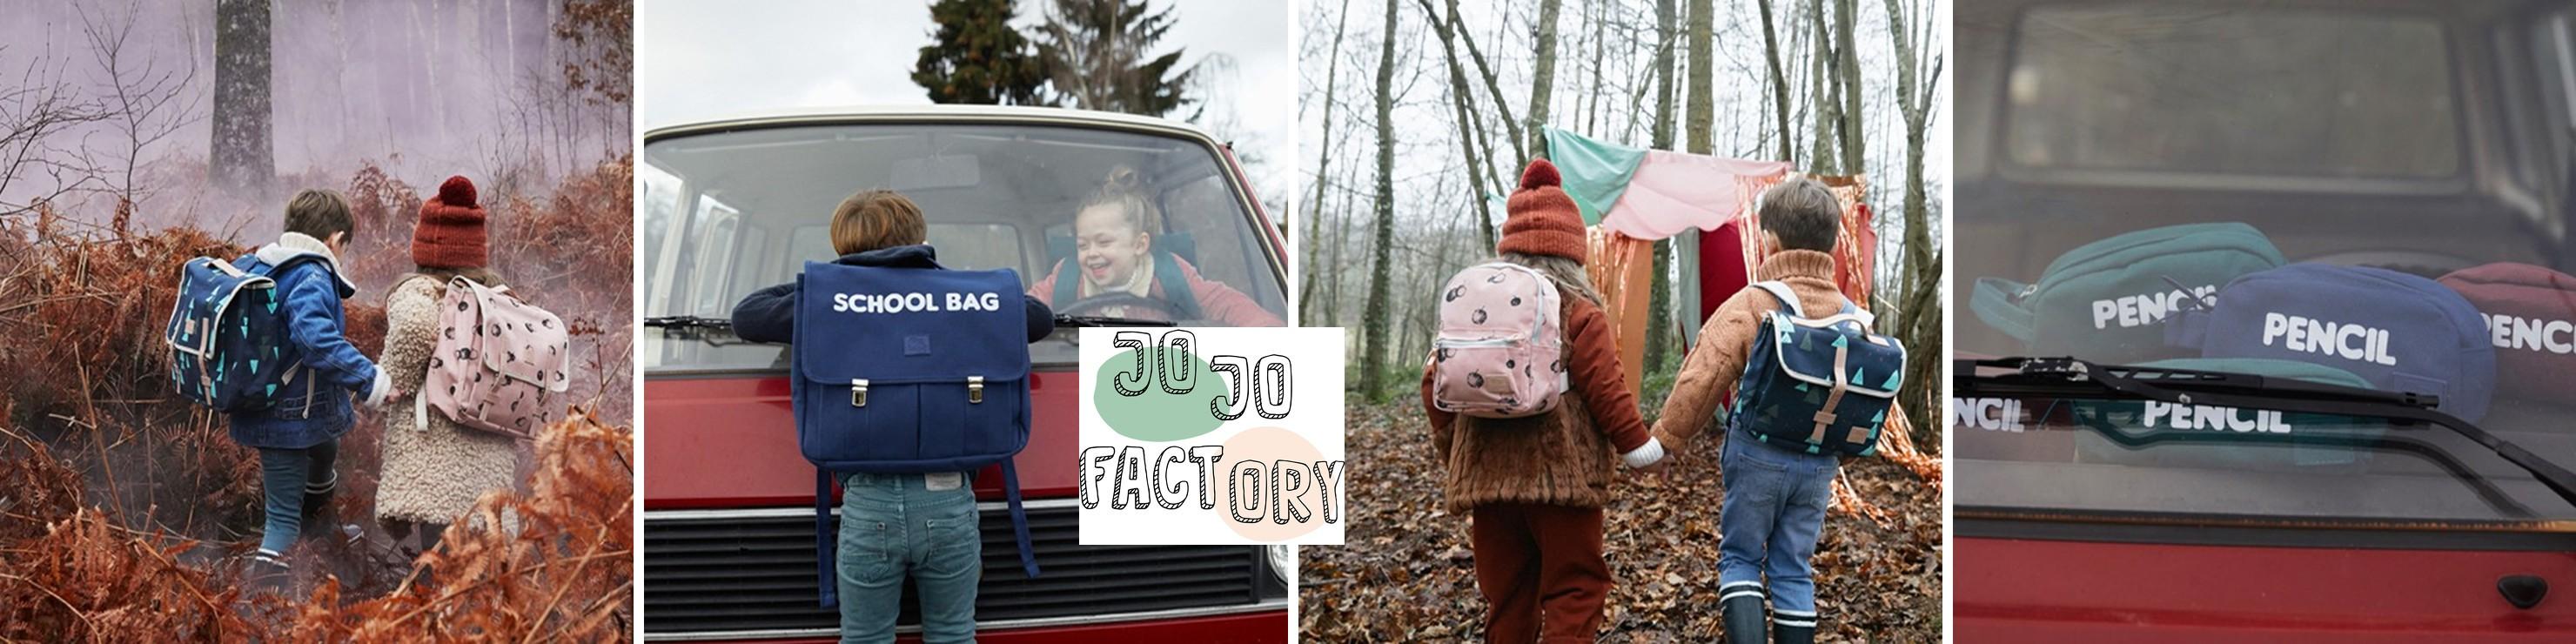 46ee748009f47 Vive la rentrée des classes avec les cartables, sacs à dos et trousses Jojo  Factory ...